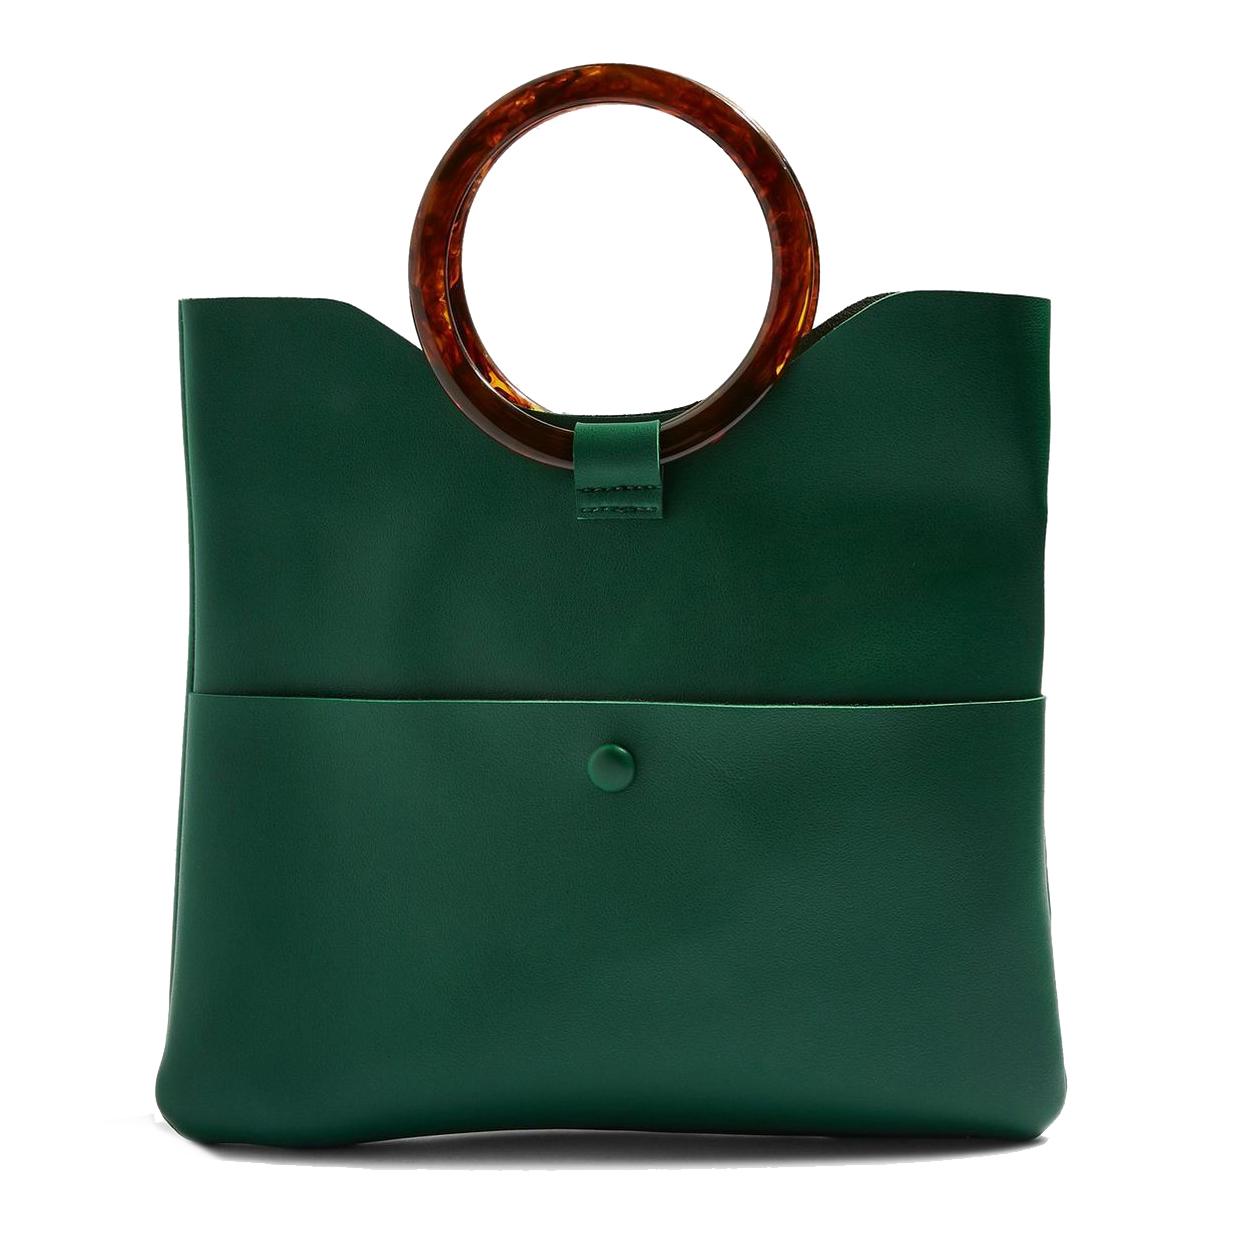 Topshop Cookie Green Clutch Bag